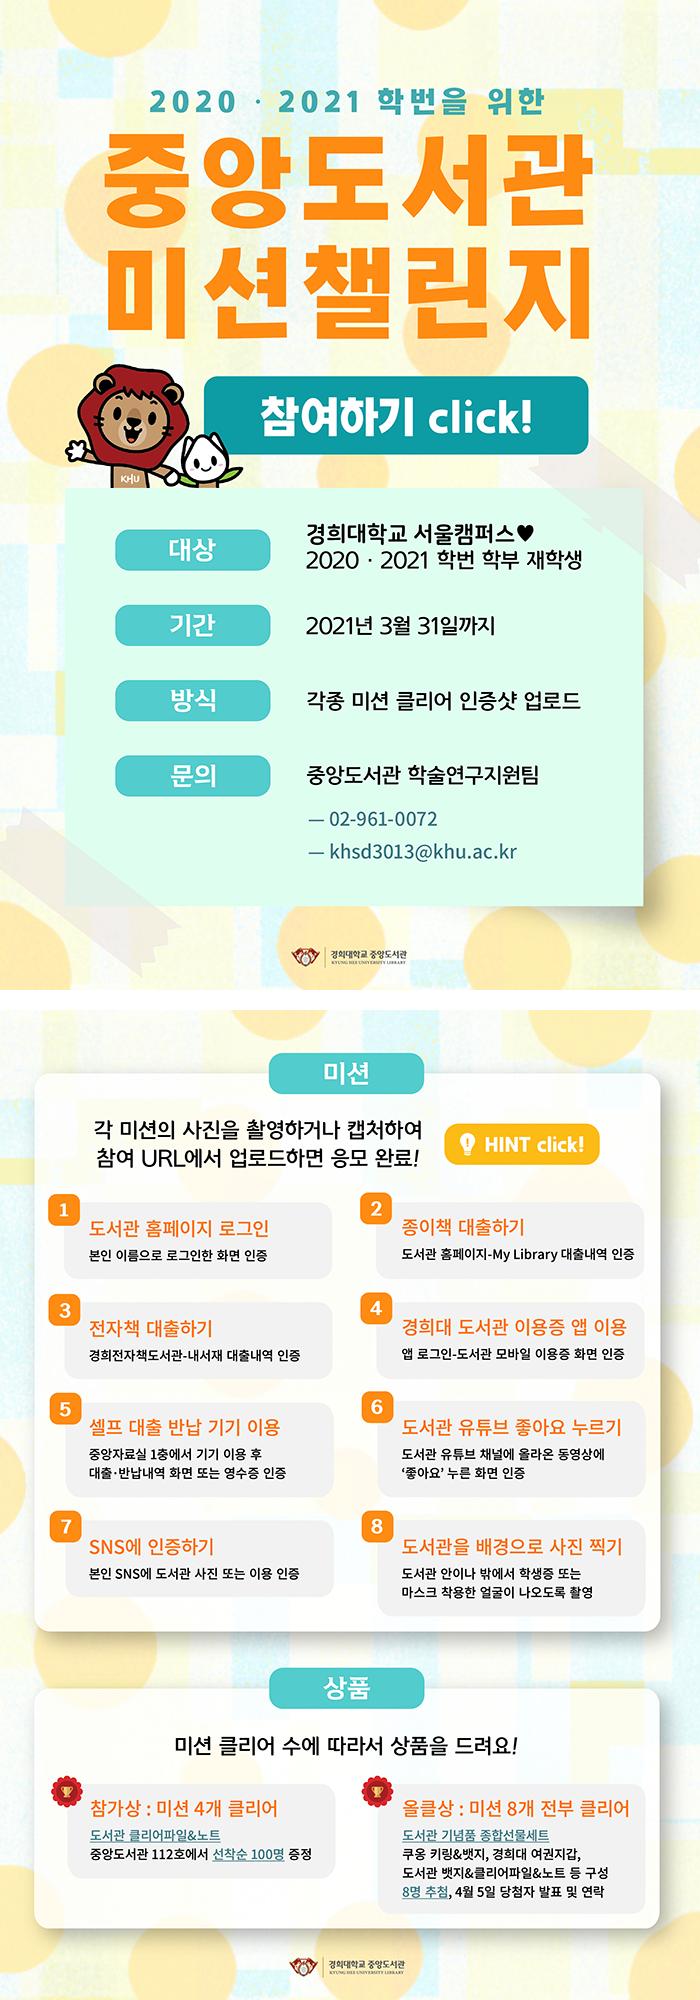 경희대학교 중앙도서관 미션 챌린지 이벤트